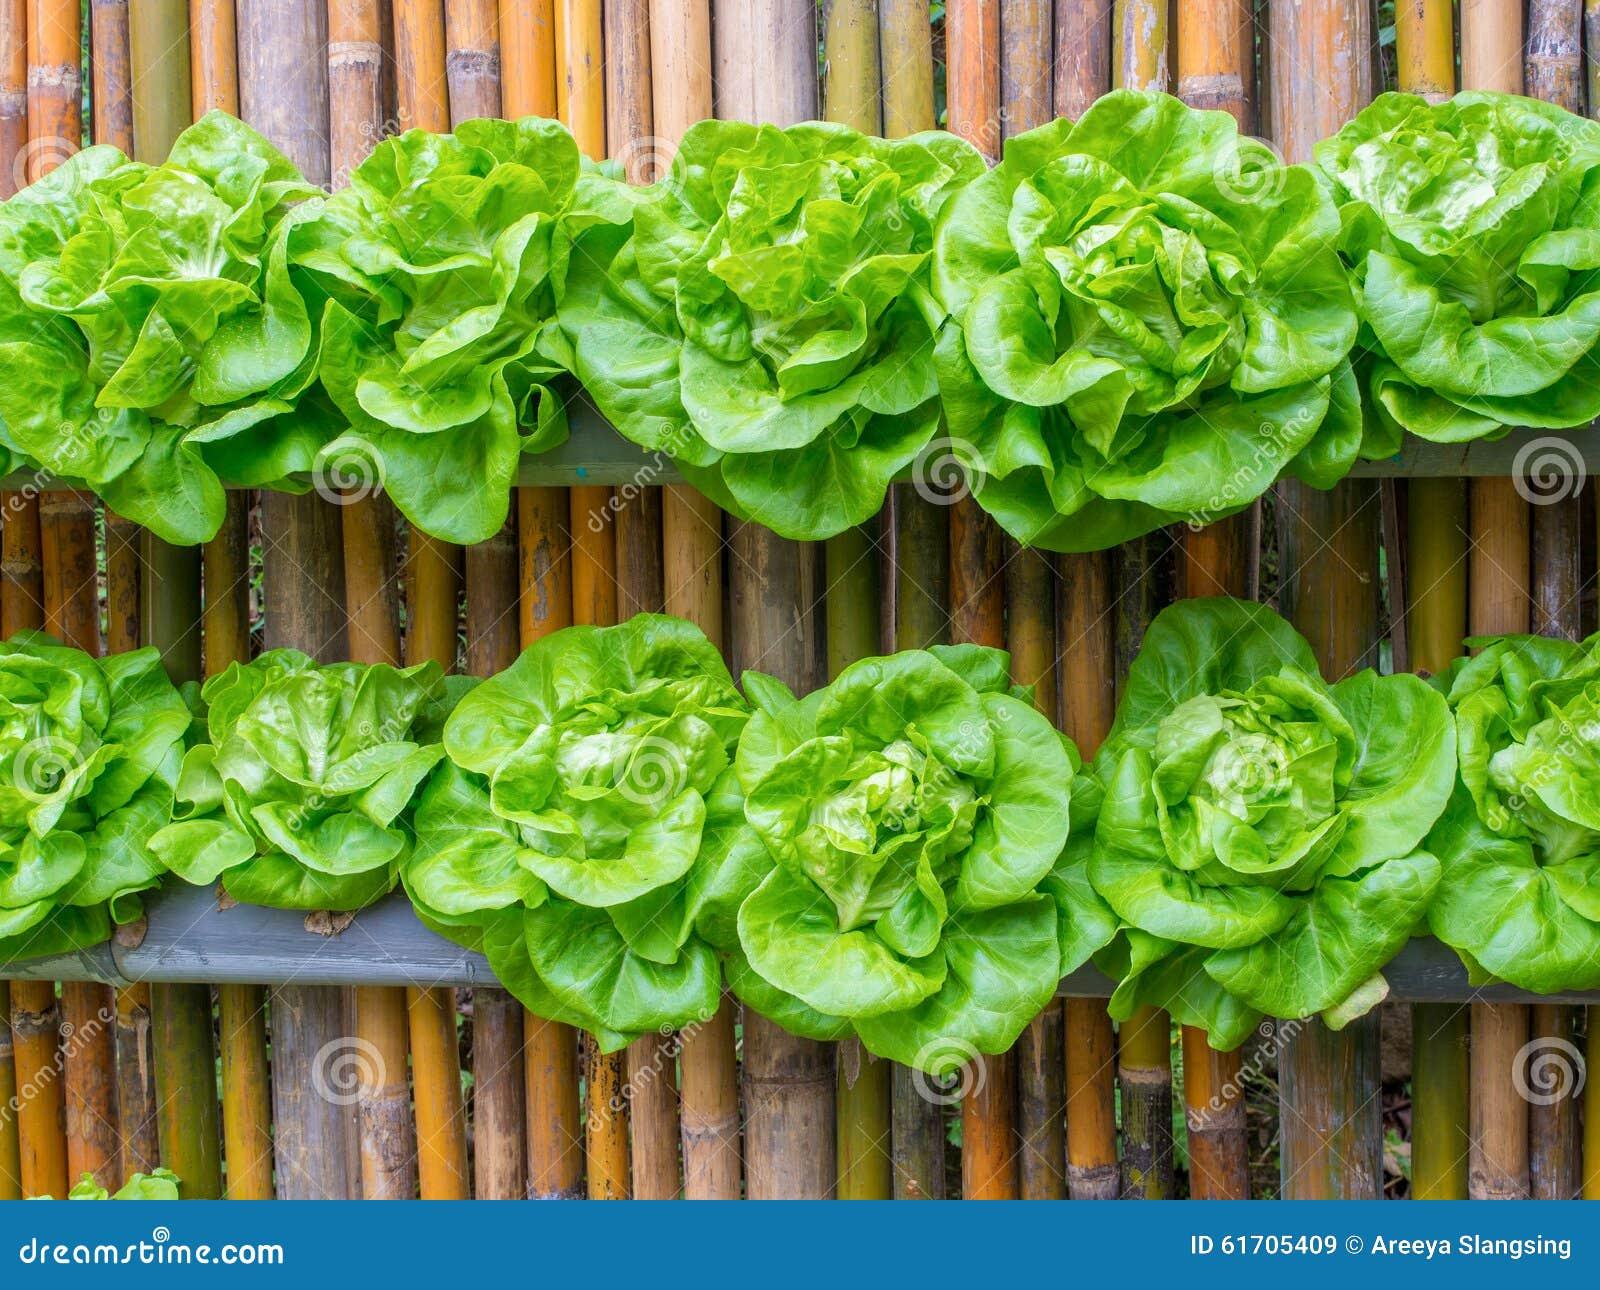 Gemüse In Verzierter Vertikaler Idee Garten Der Wand Stockbild